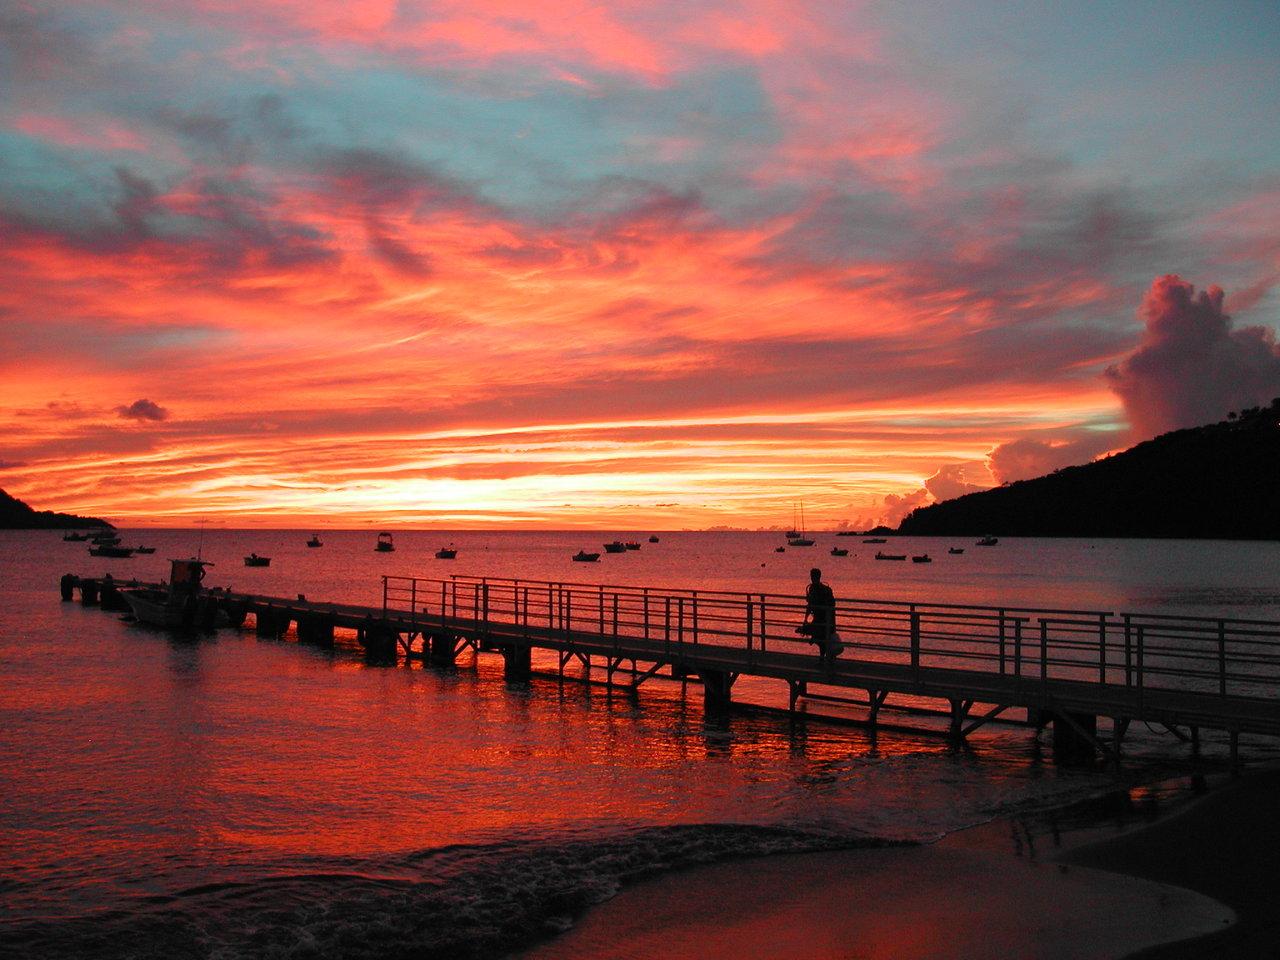 Noleggio Barche Pointe Malendure - Navalia | Noleggia un Sogno